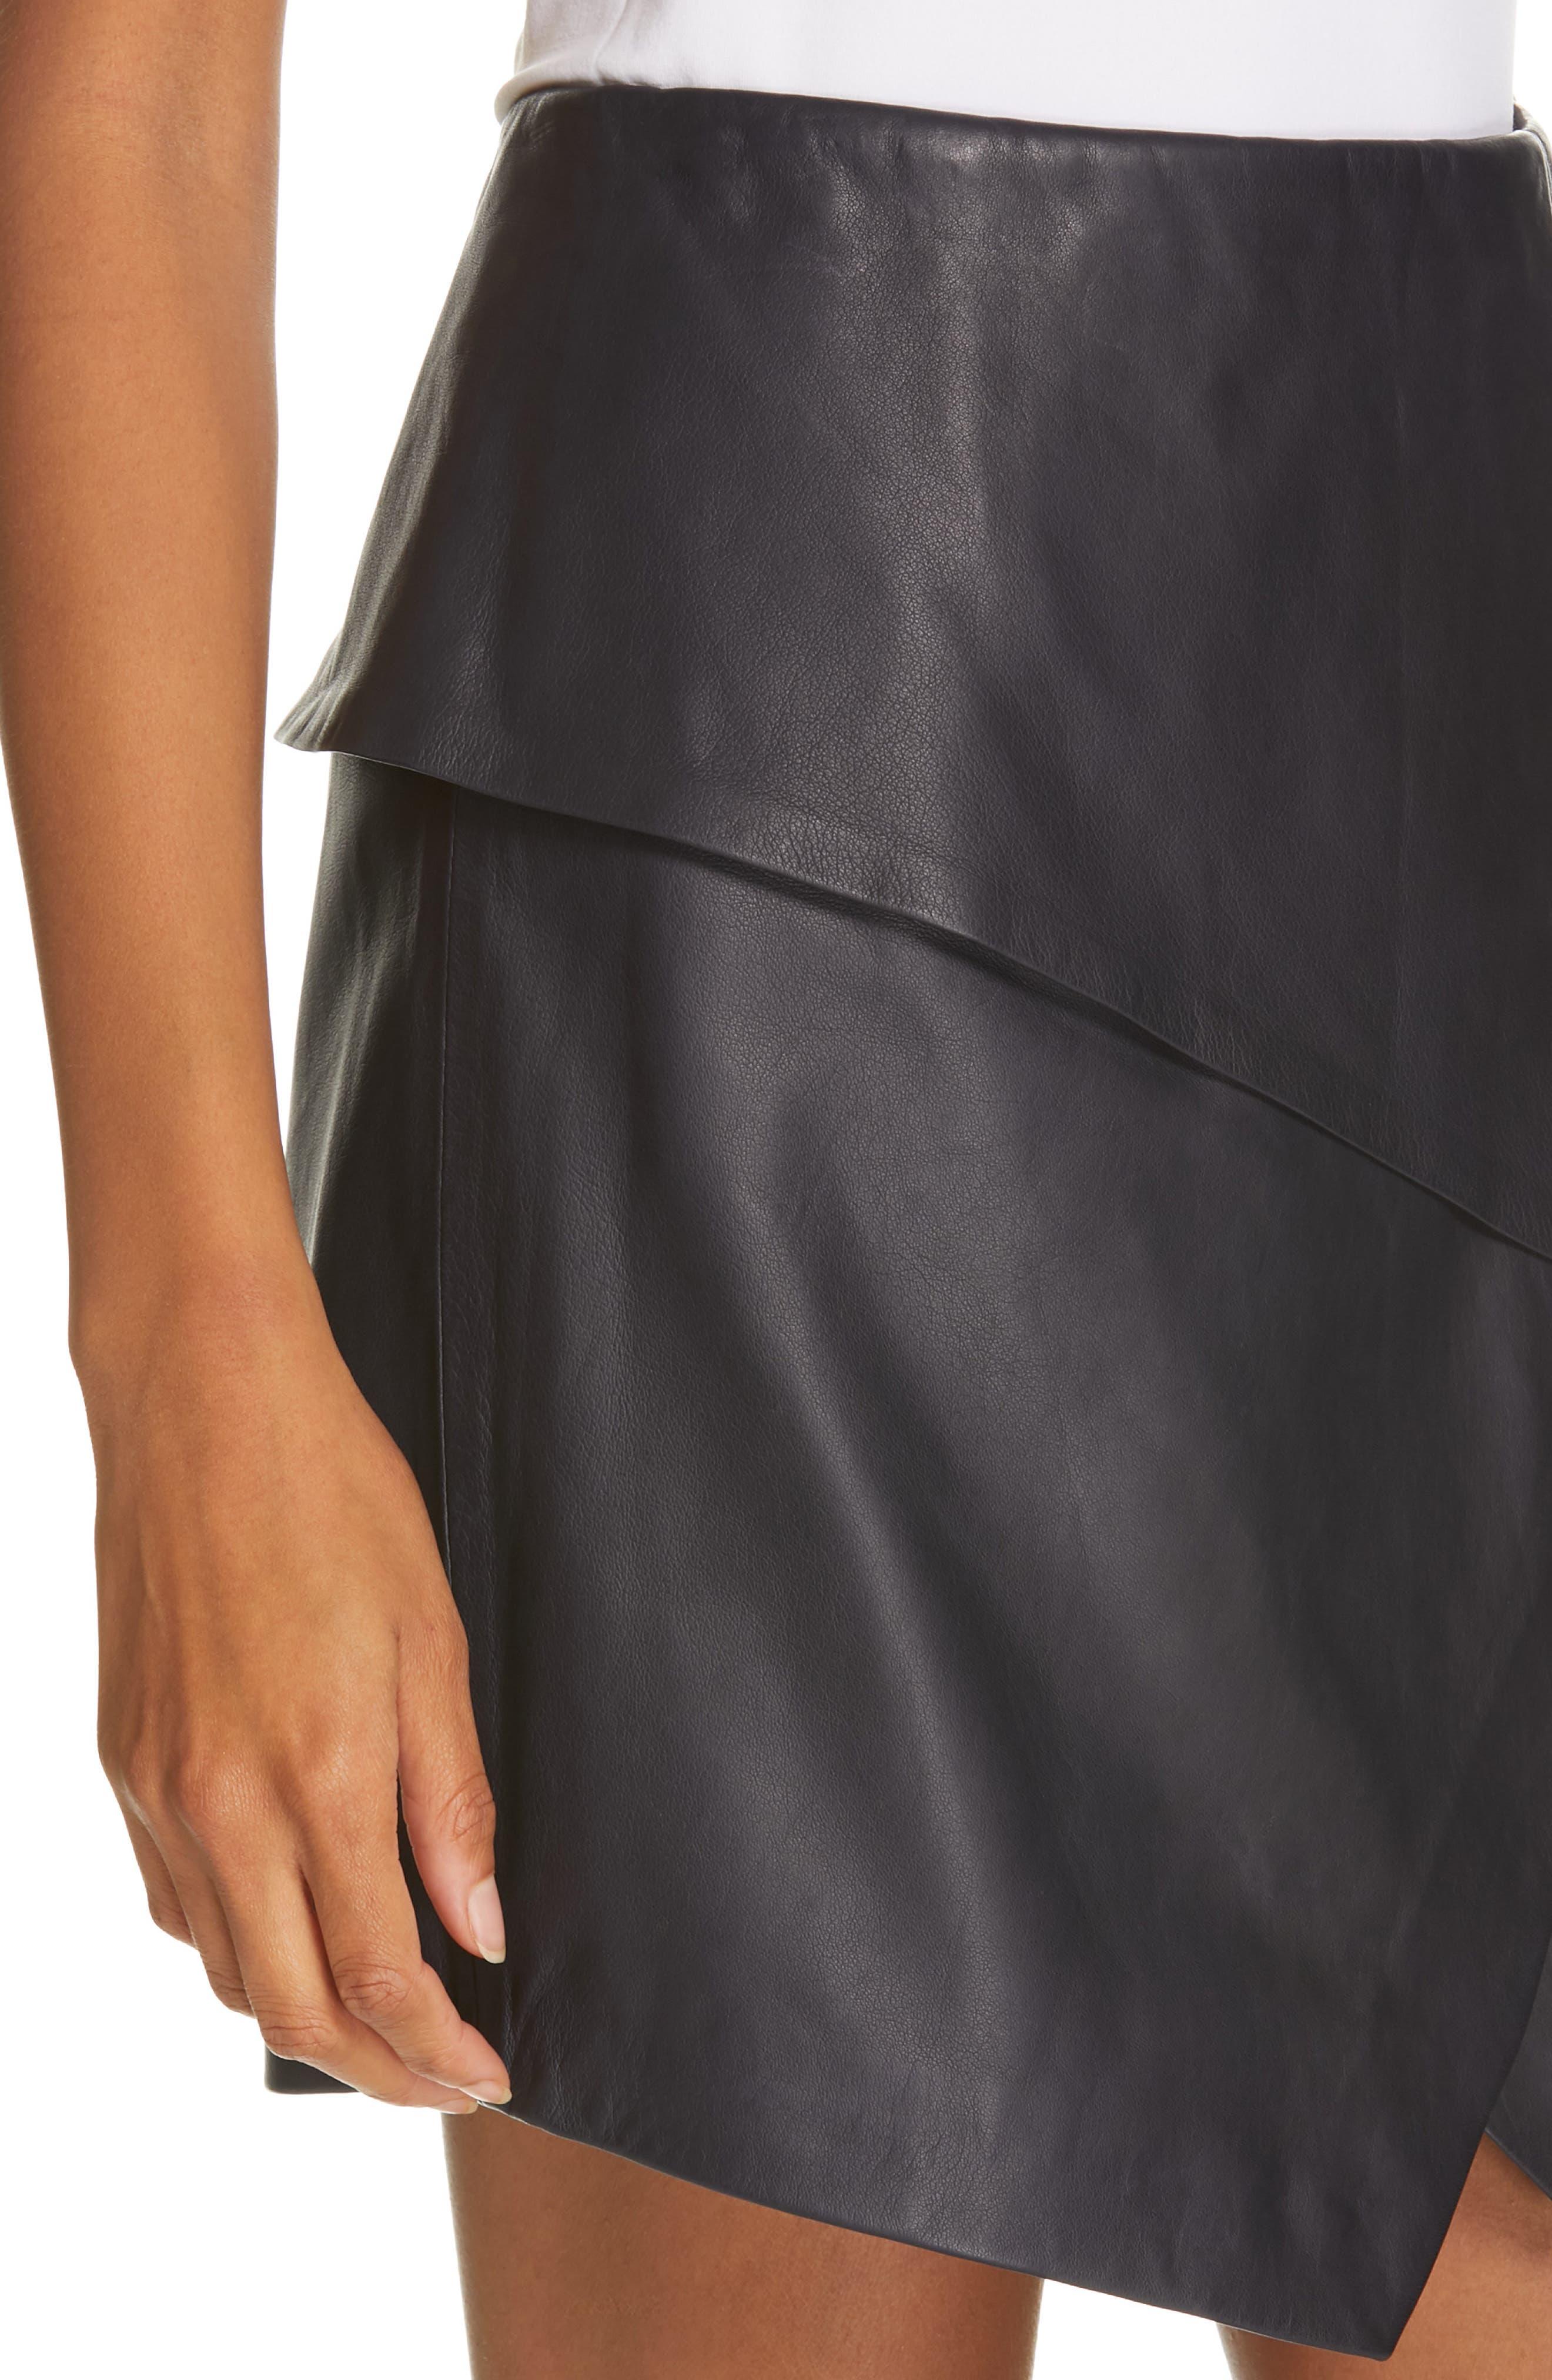 JOIE, Akirako Leather Miniskirt, Alternate thumbnail 4, color, MIDNIGHT